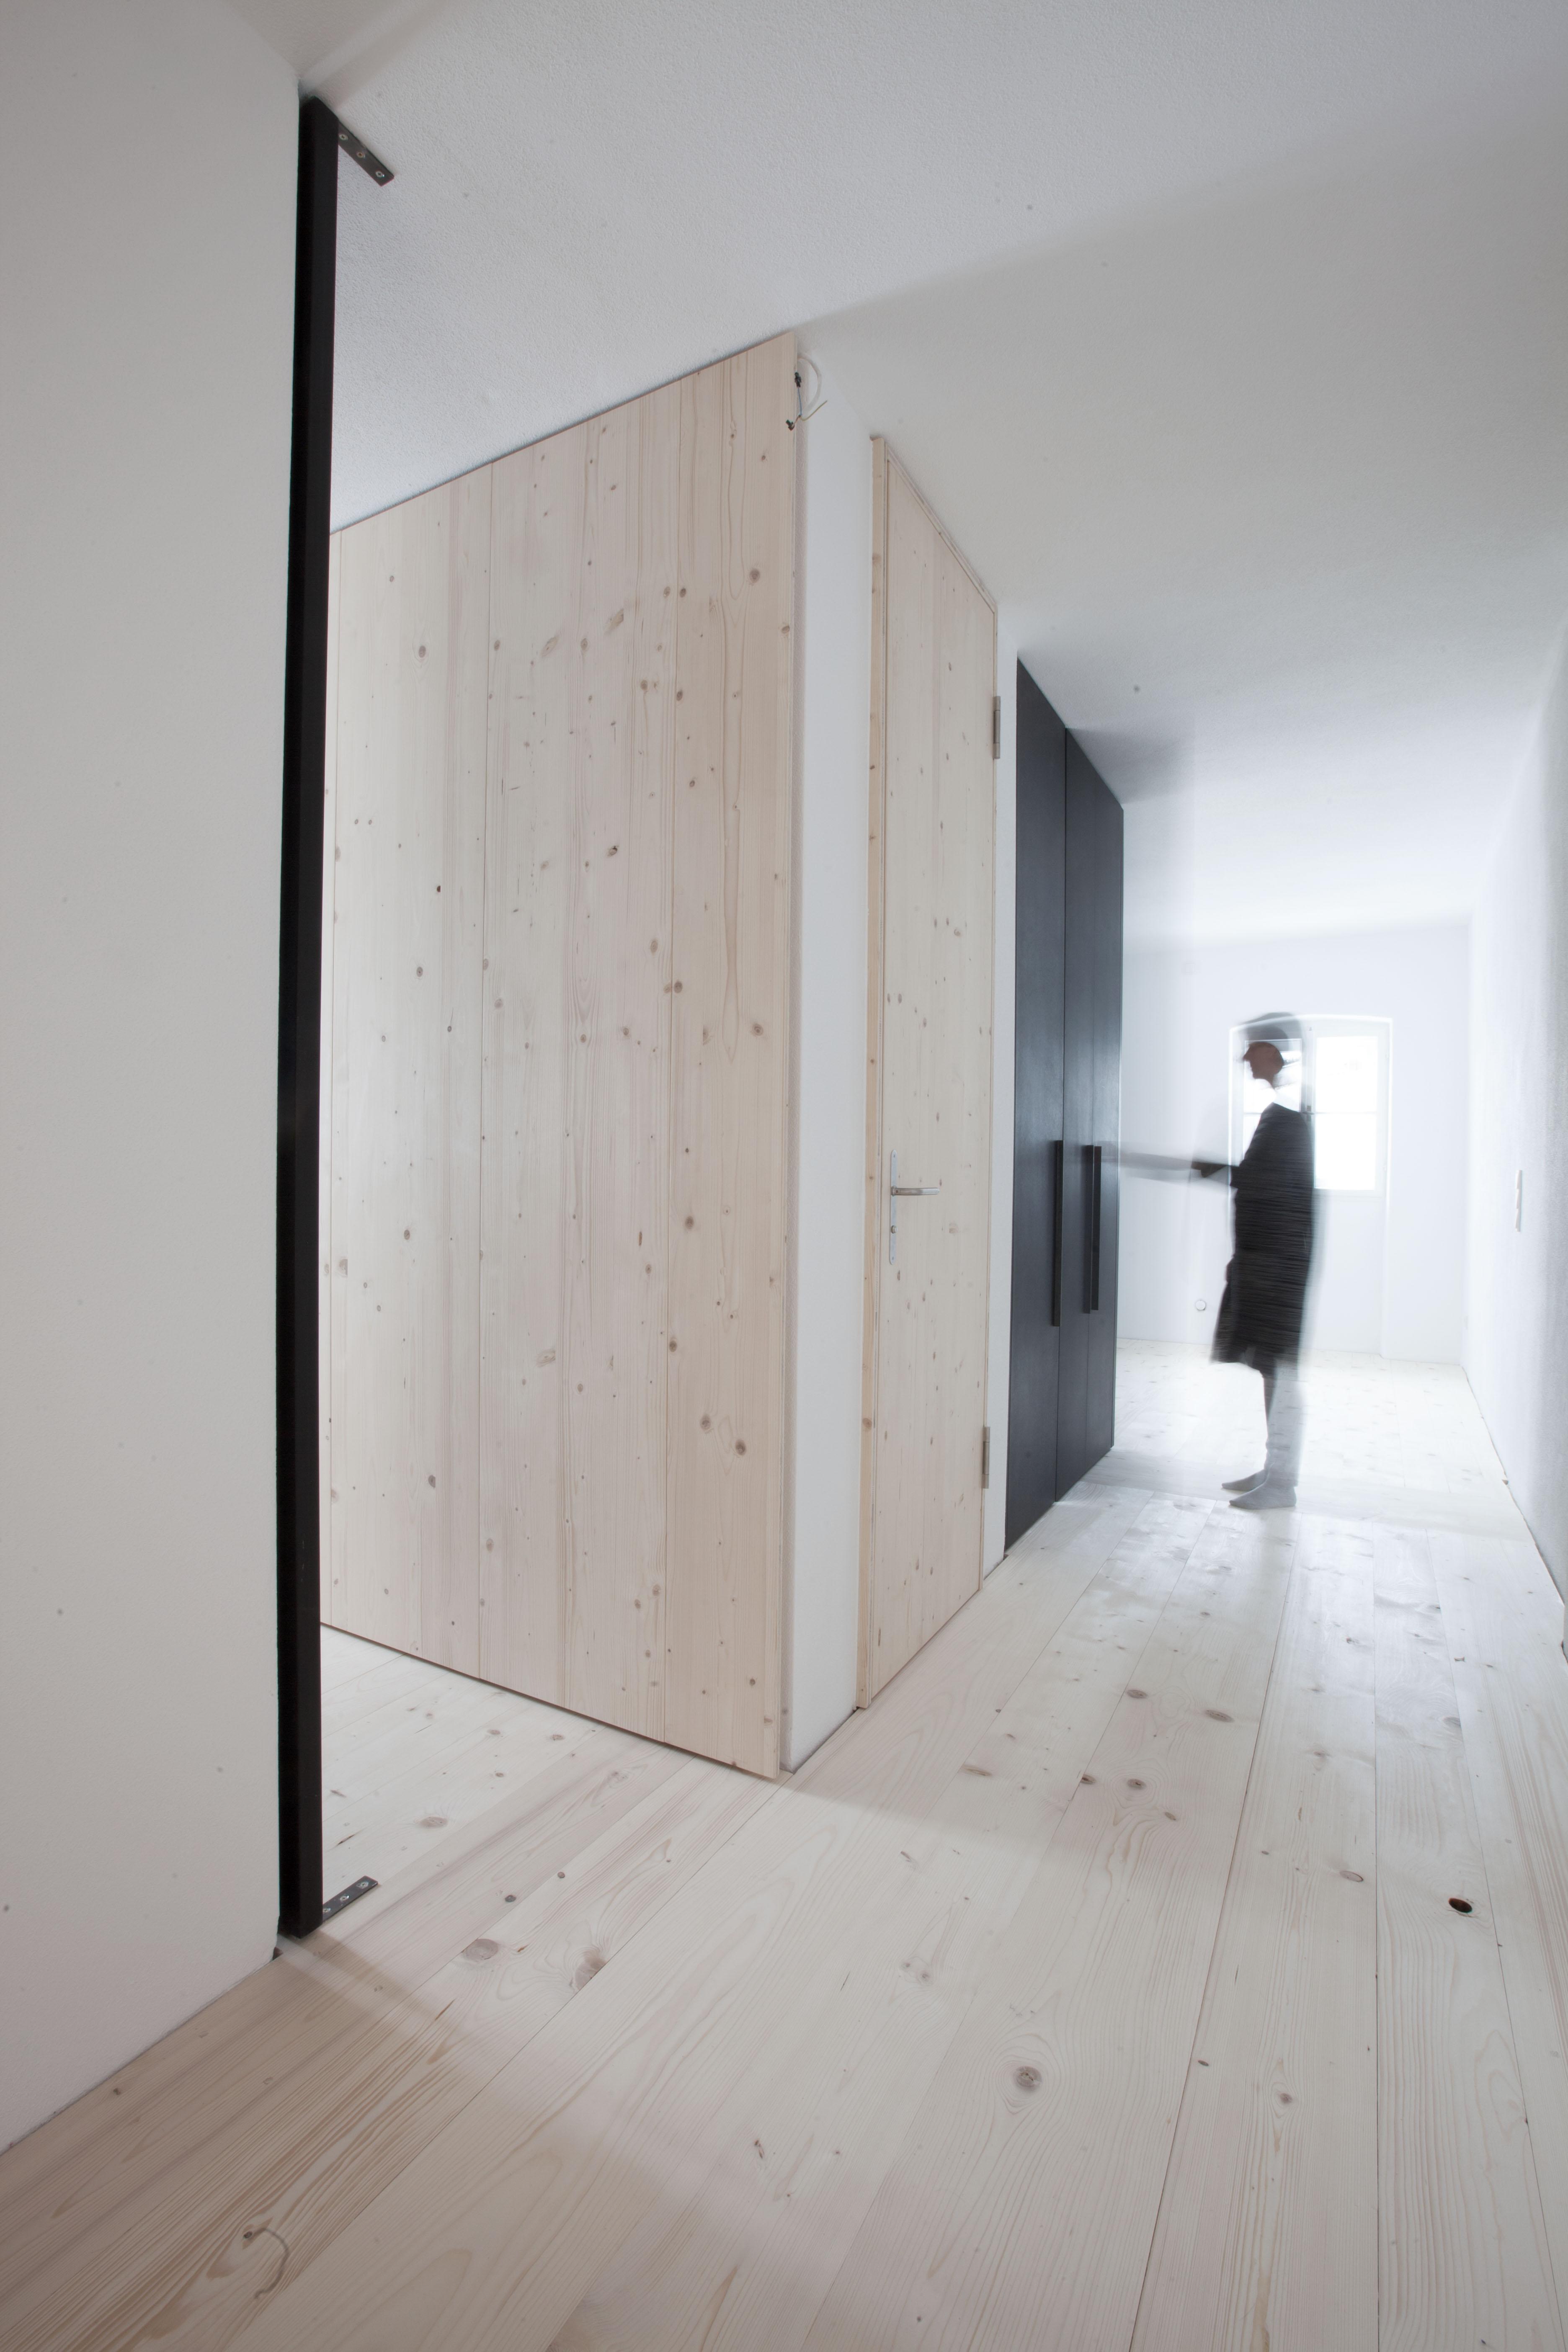 Studio für Architektur Bernd Vordermeier Archive - ungeWOHNlich ...